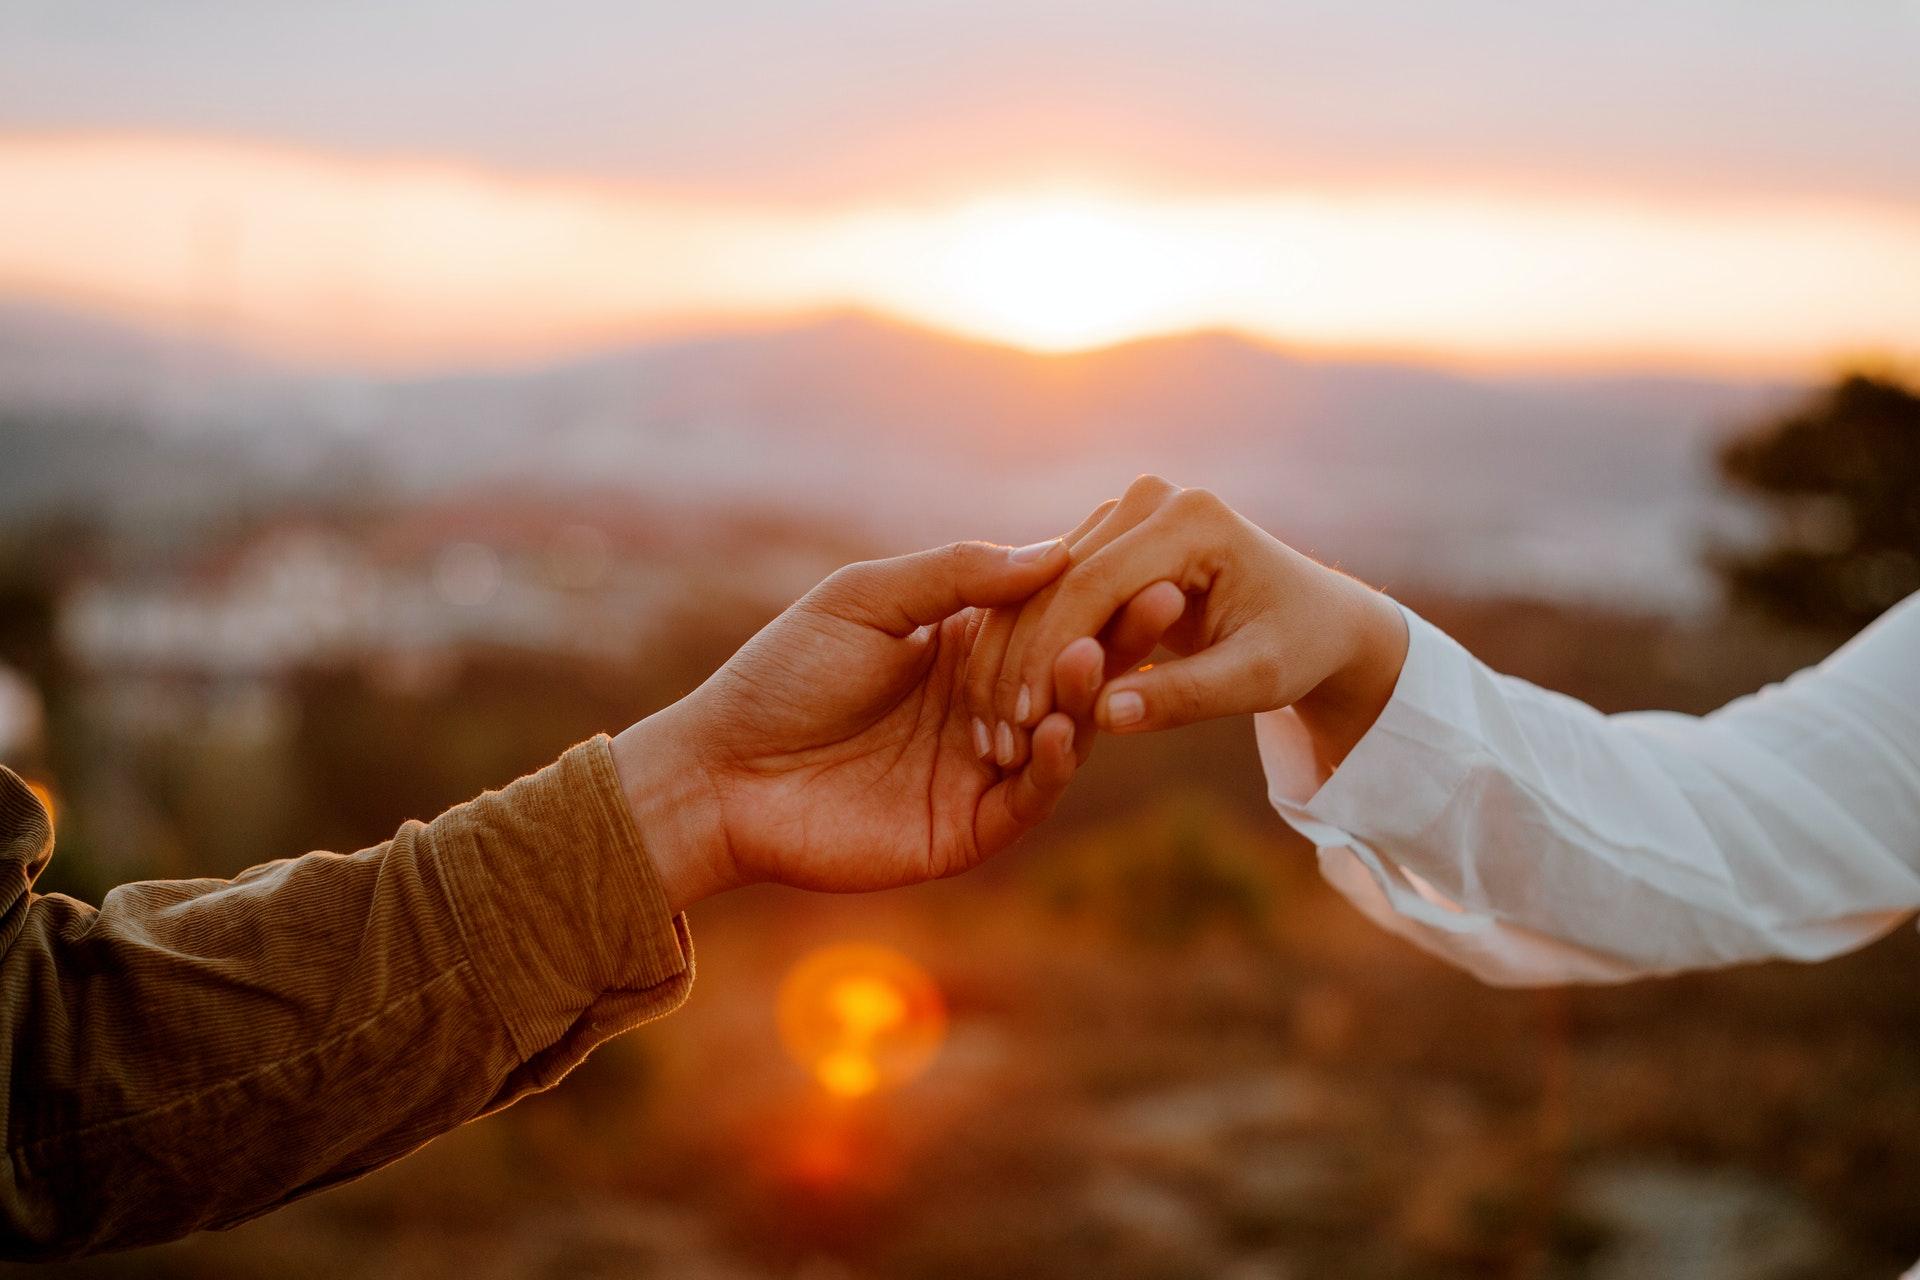 Imagen destacada del artículo sobre la actualización de nuestra aplicación para parejas